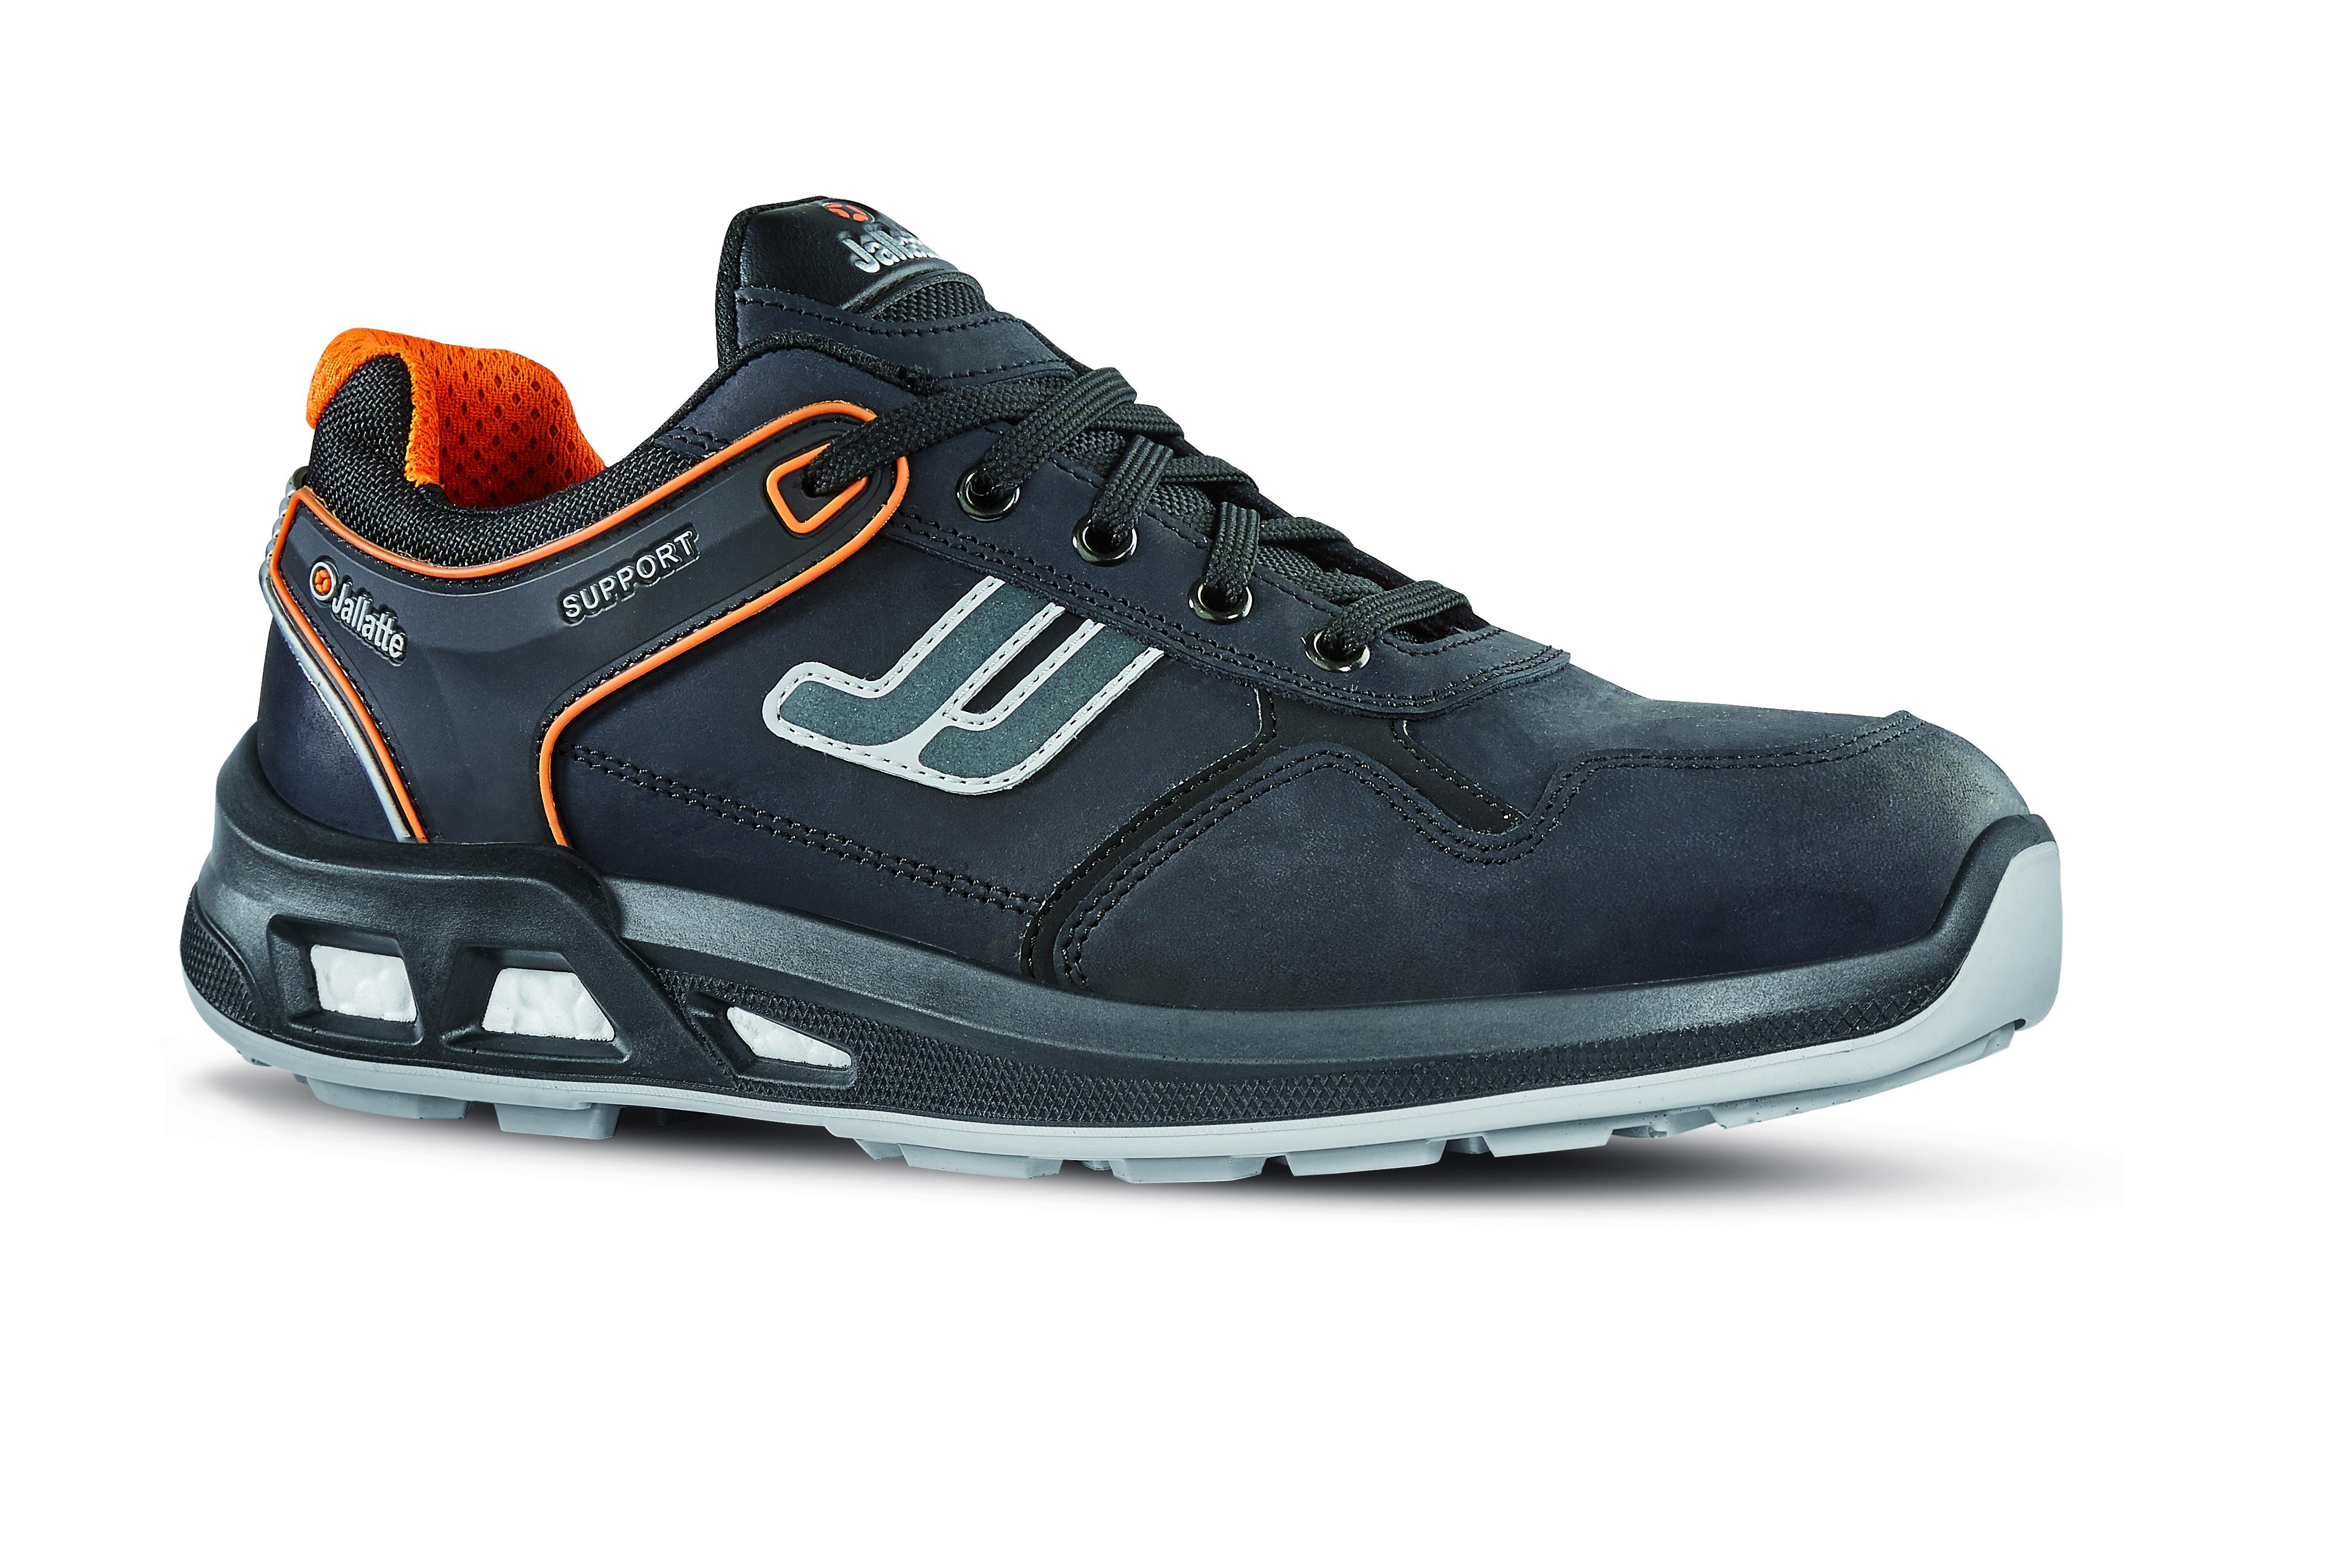 Ci Sécurité De Jaltonic Basses S3 Src Chaussures 1JcTlFK